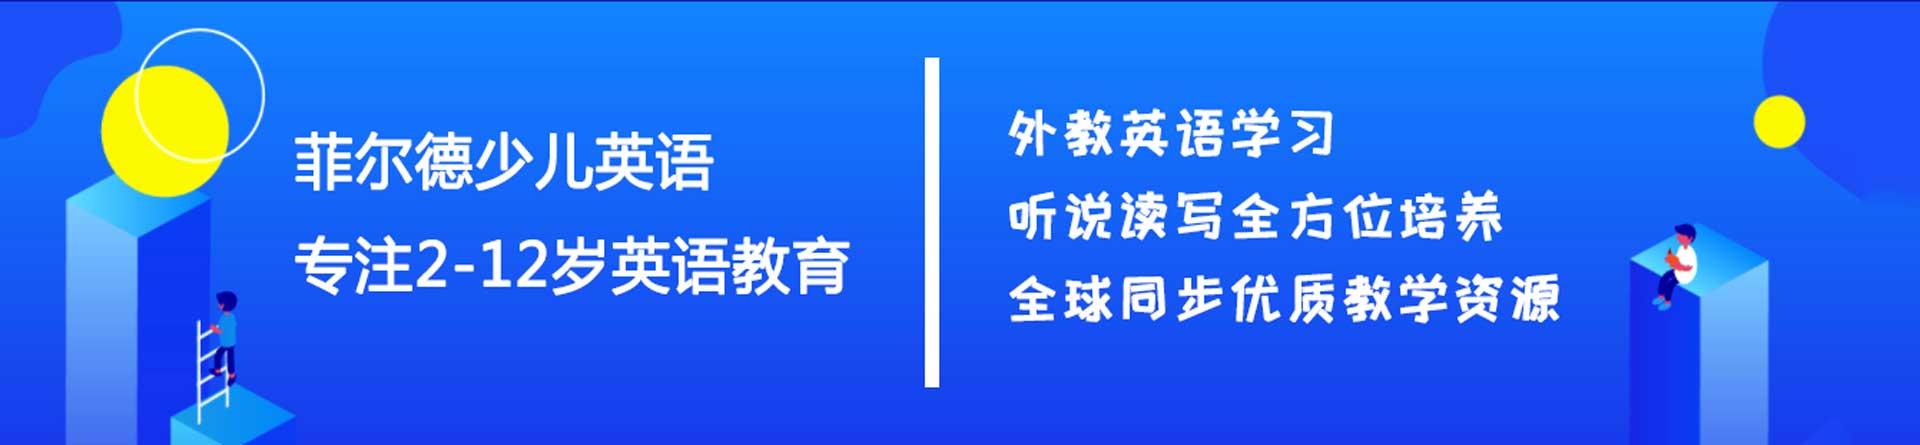 郑州菲尔德国际少儿英语